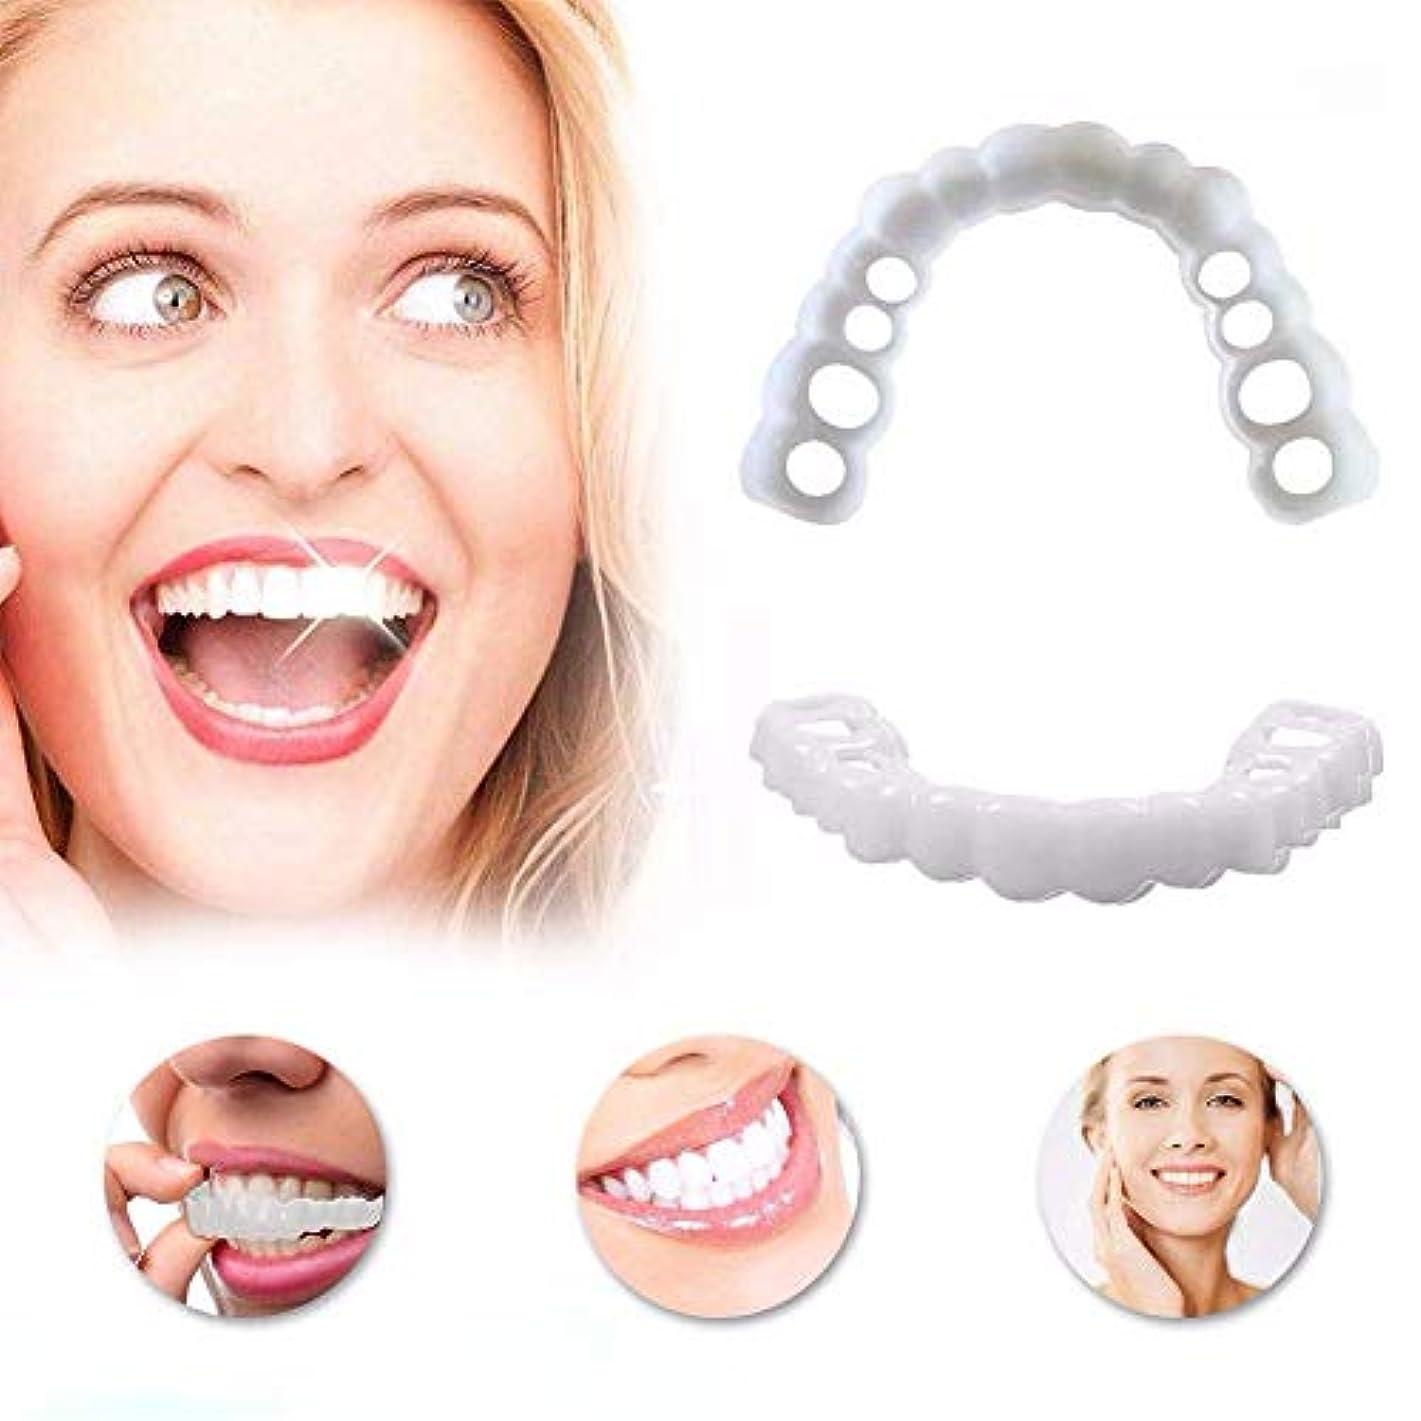 欠点太字くつろぐインスタントパーフェクトスマイルコンフォートフィットするFlex歯ベニア3Pairアッパー歯+下の歯のホワイトニングスーツの化粧品スナップ